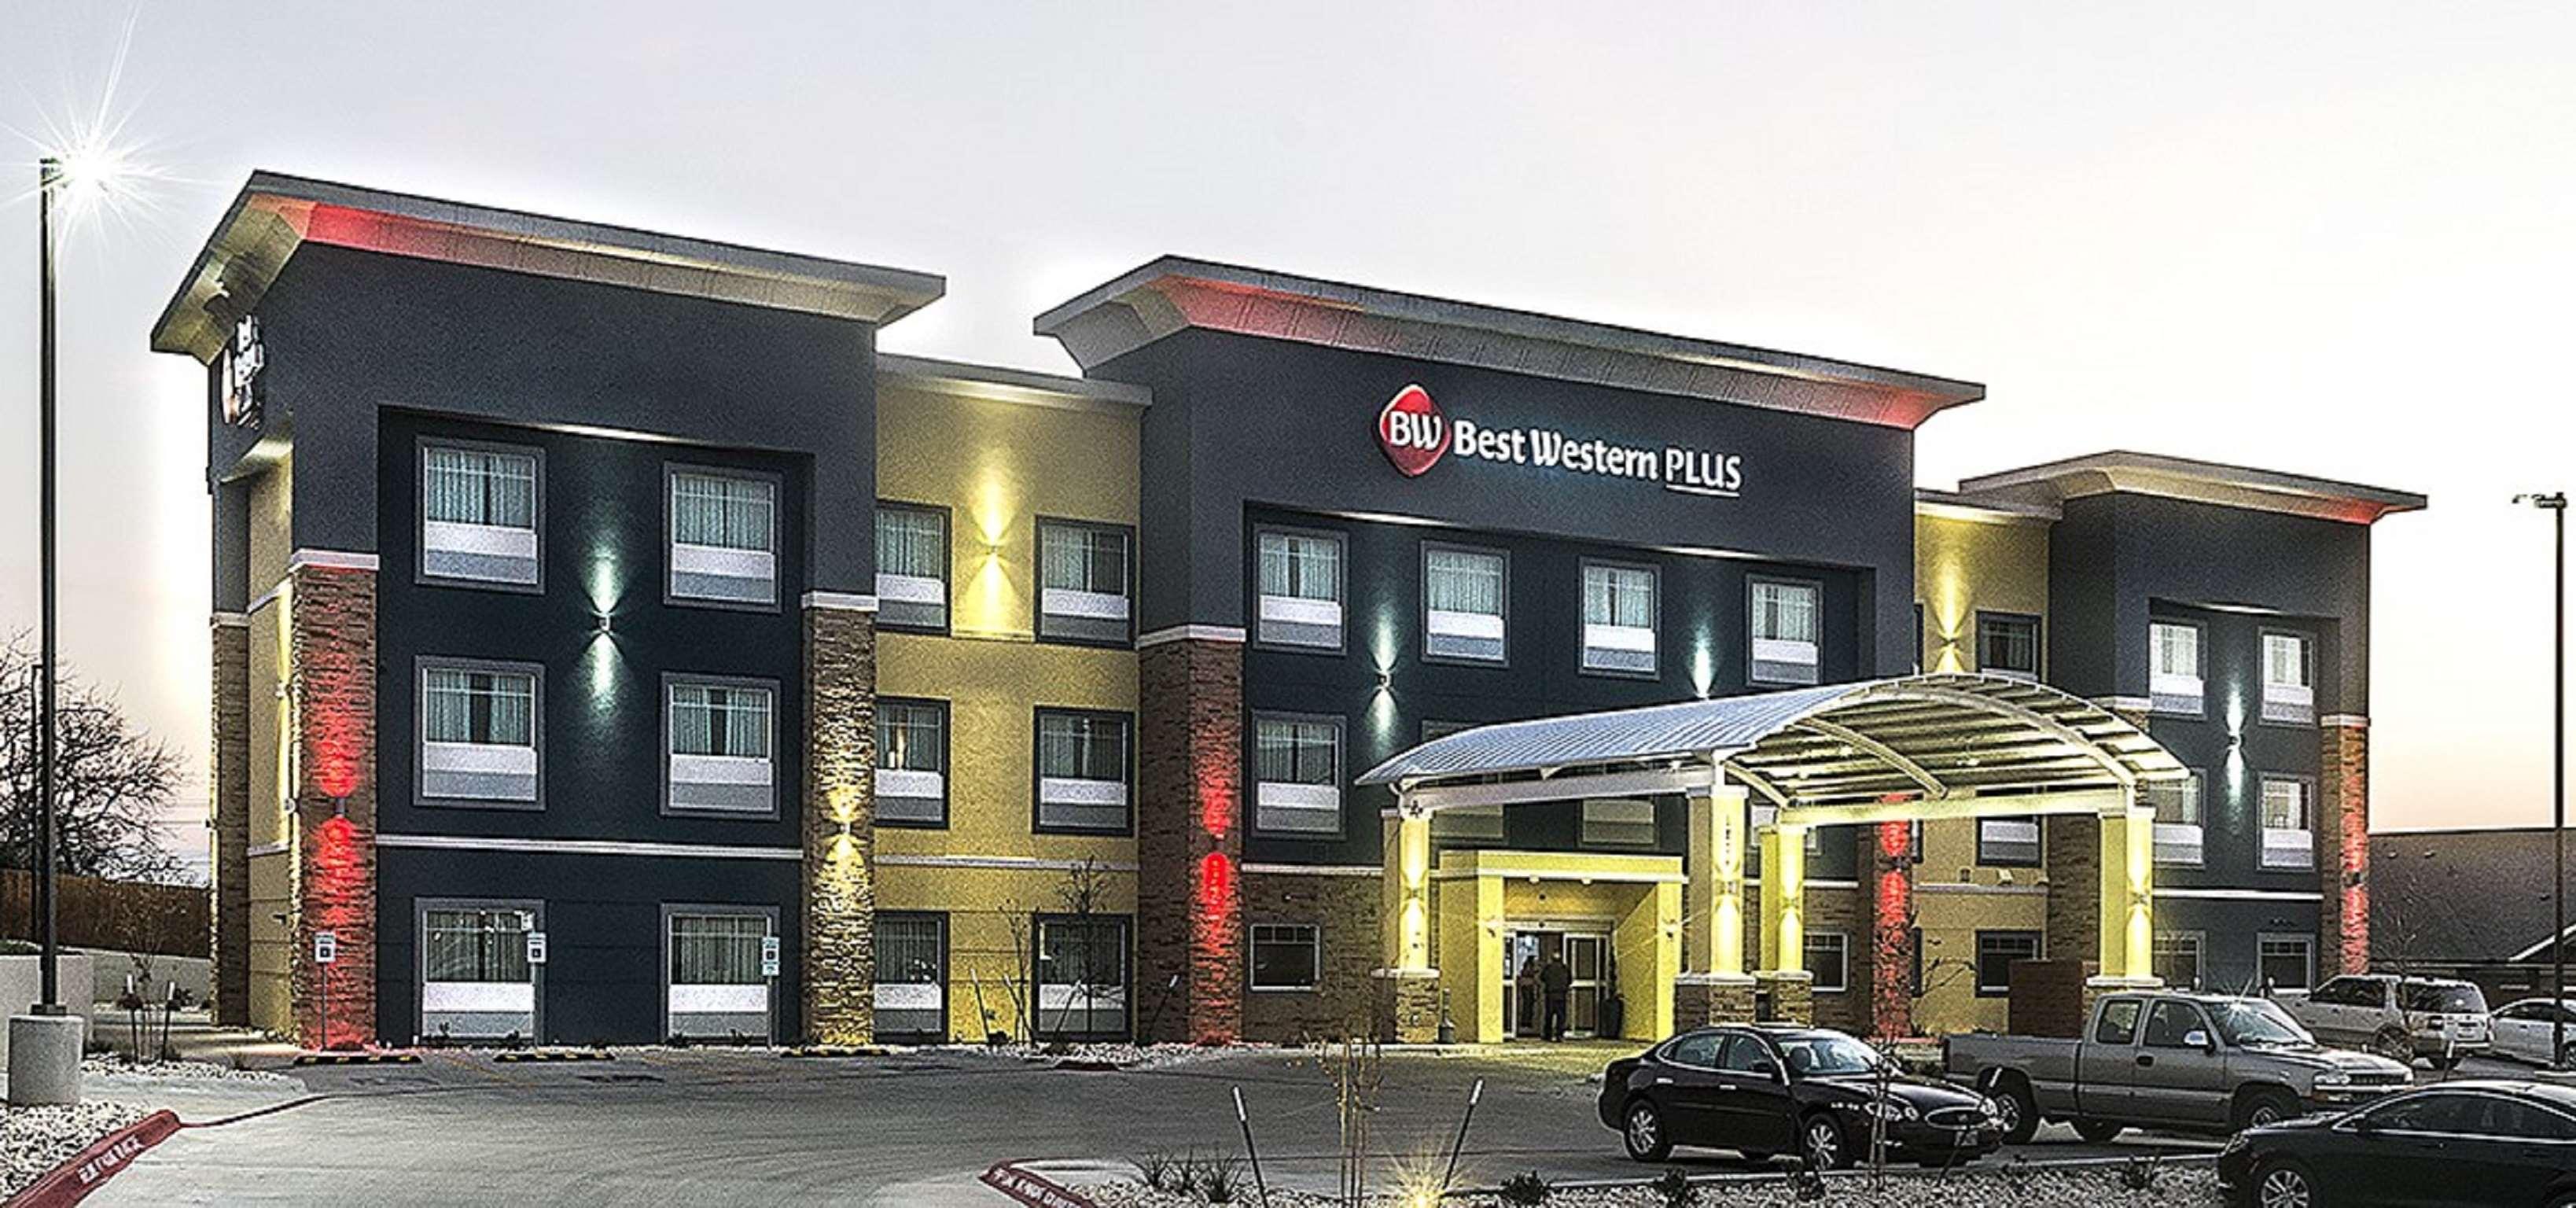 Best Western Plus Lampasas Inn & Suites image 0